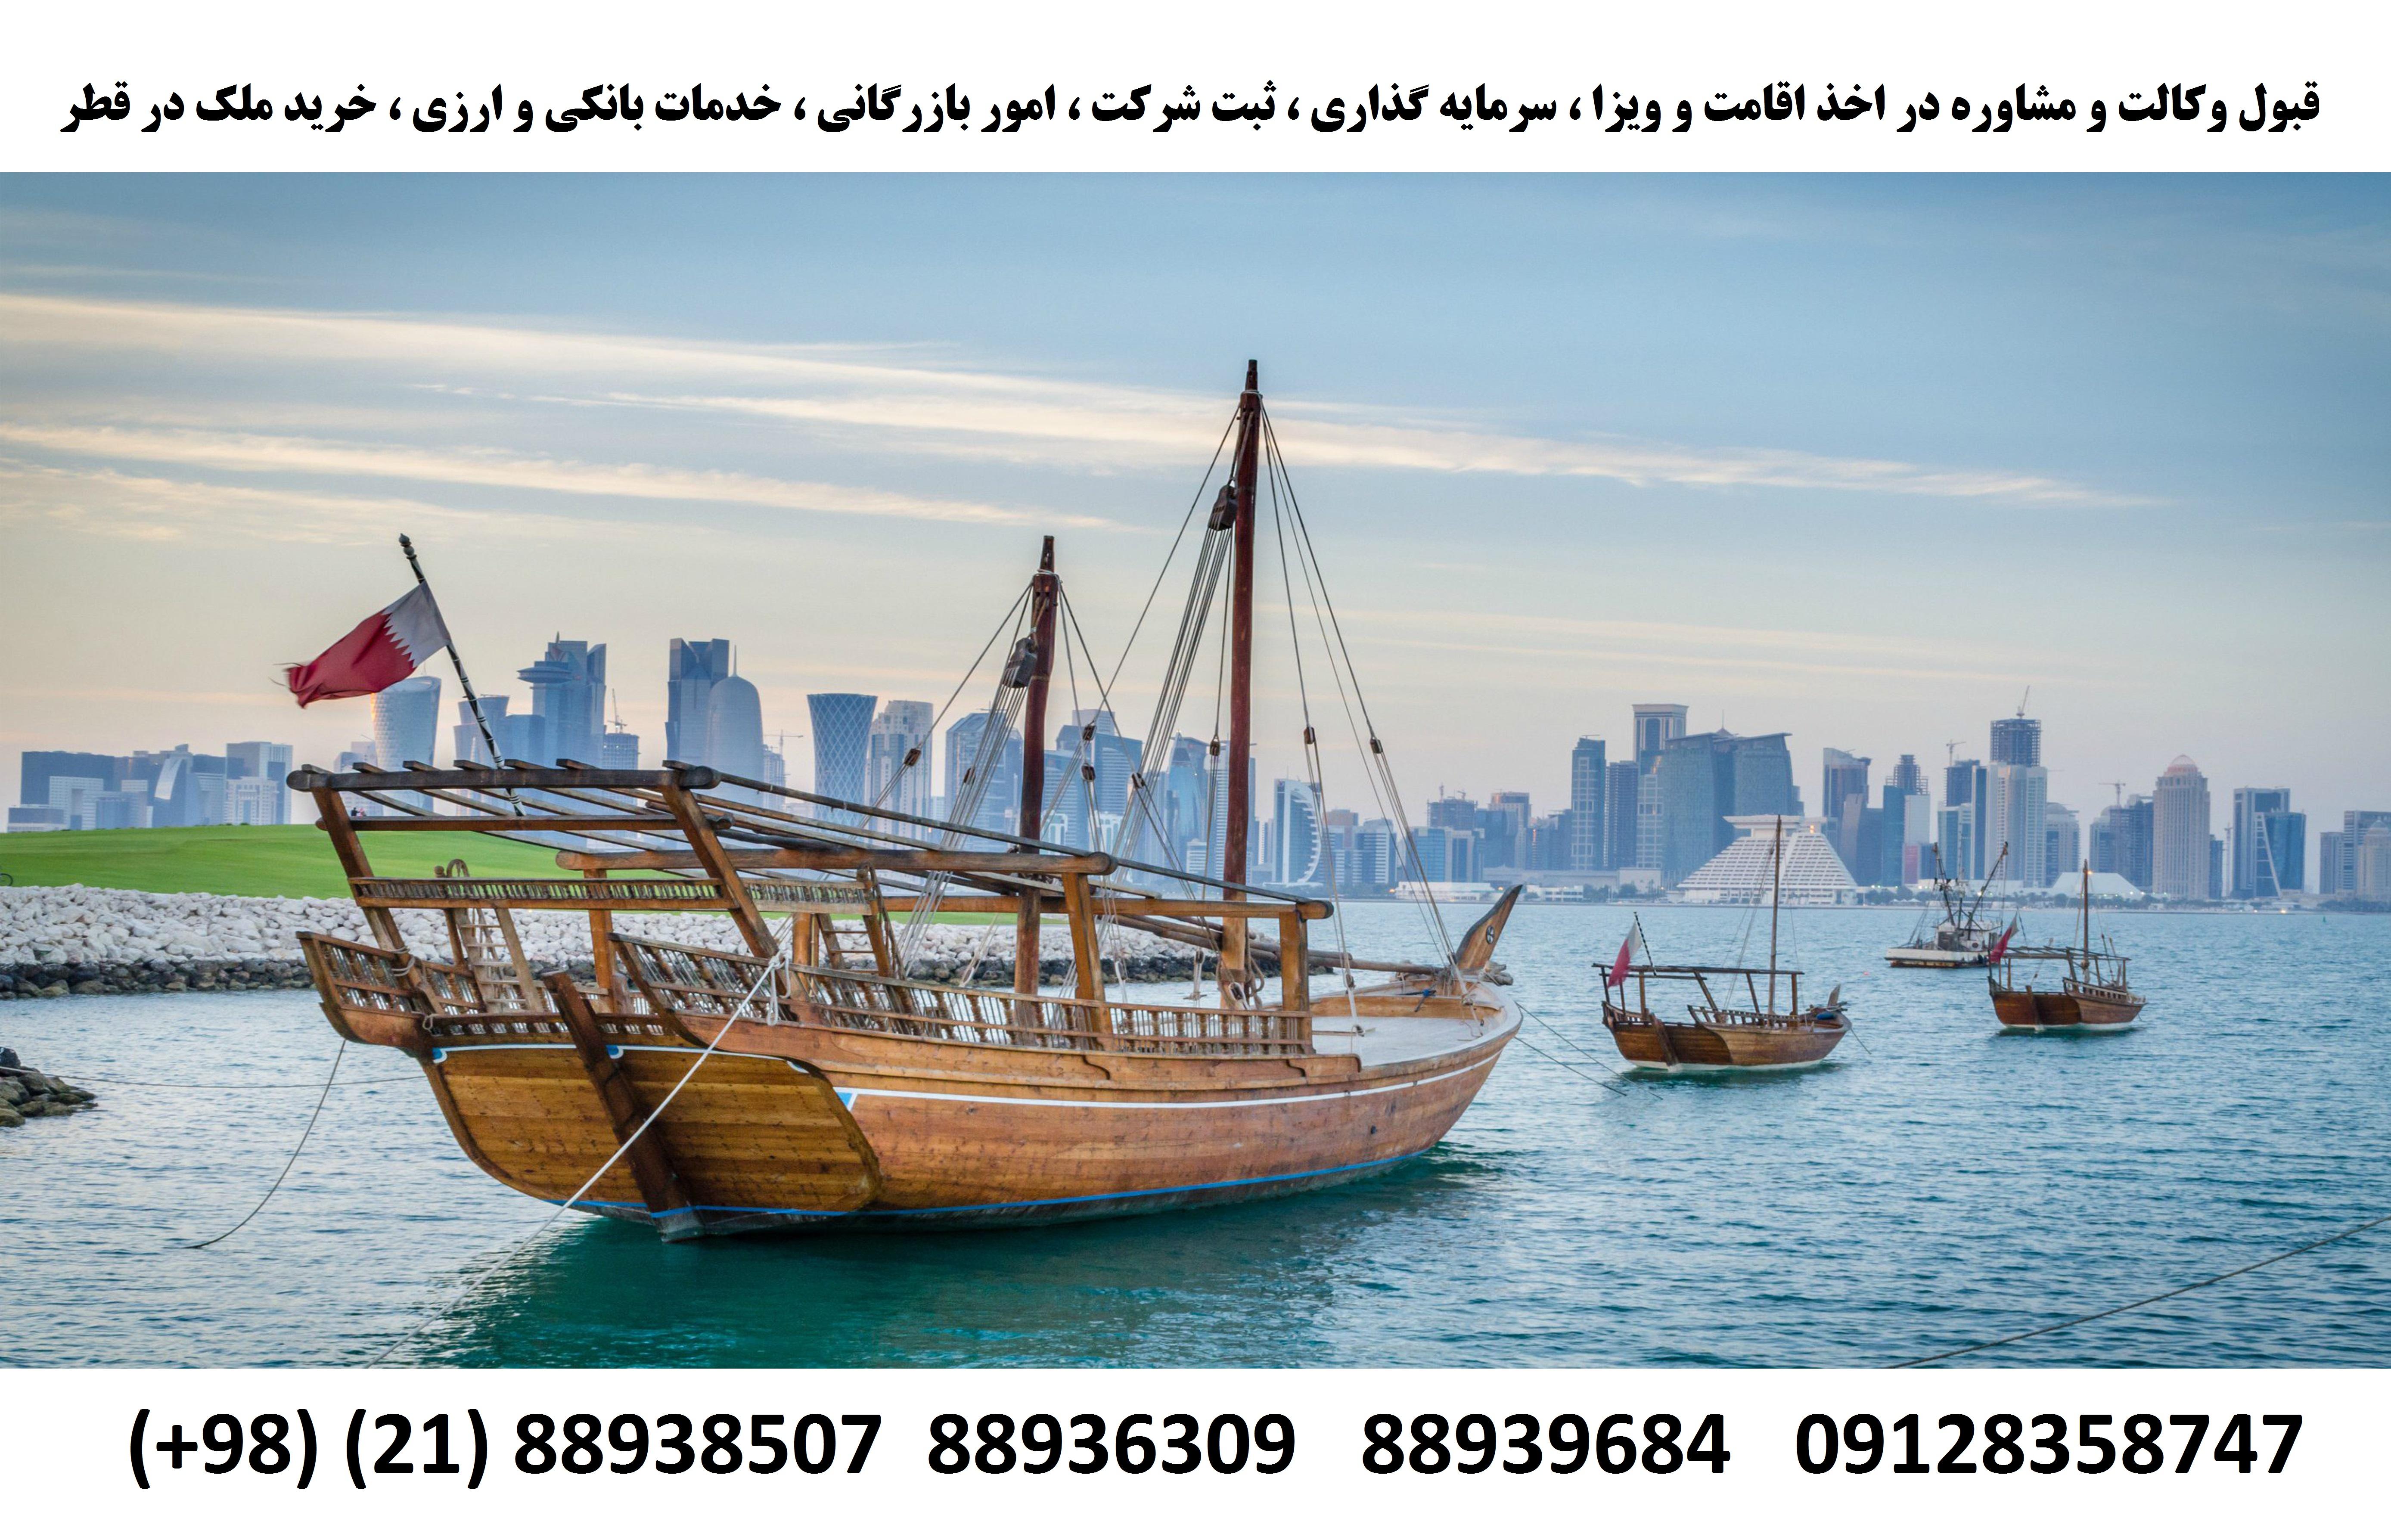 سرمایه گذاری ، خرید ملک ، اخذ اقامت ، اخذ ویزا ،؛ ویزای تحصیلی در قطر (1)